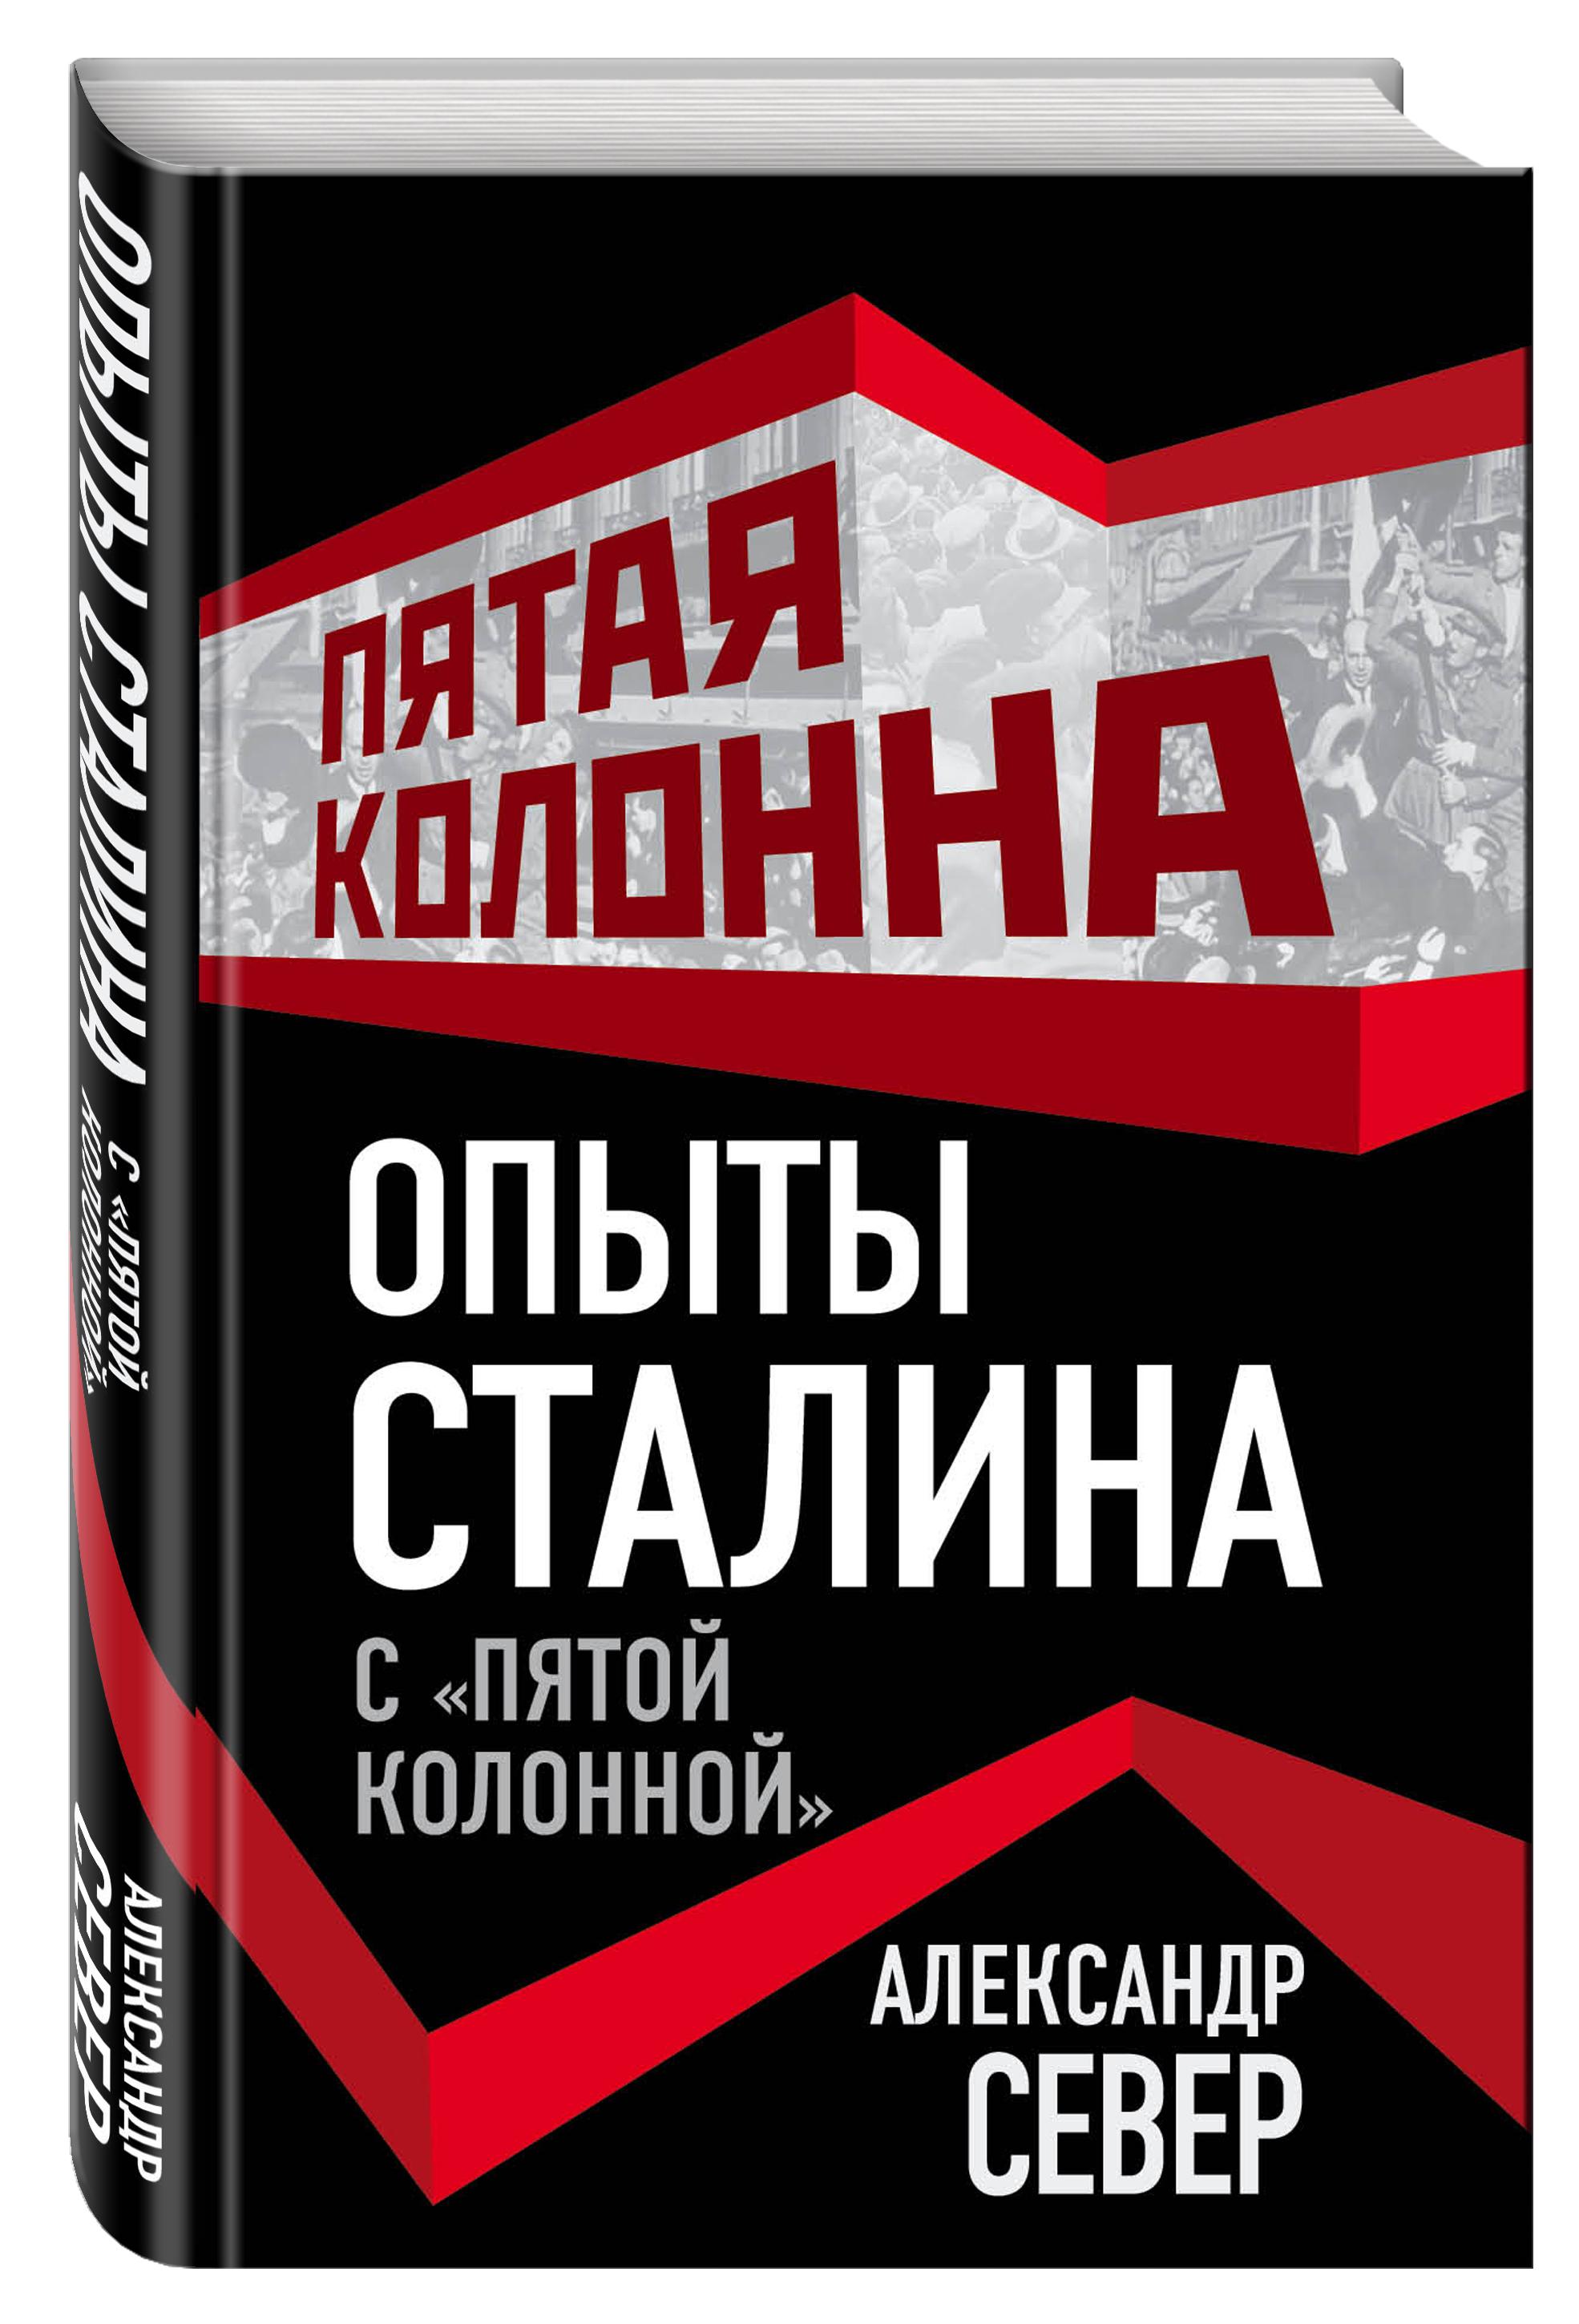 Север А. Опыты Сталина с «пятой колонной» александр север опыты сталина с пятой колонной